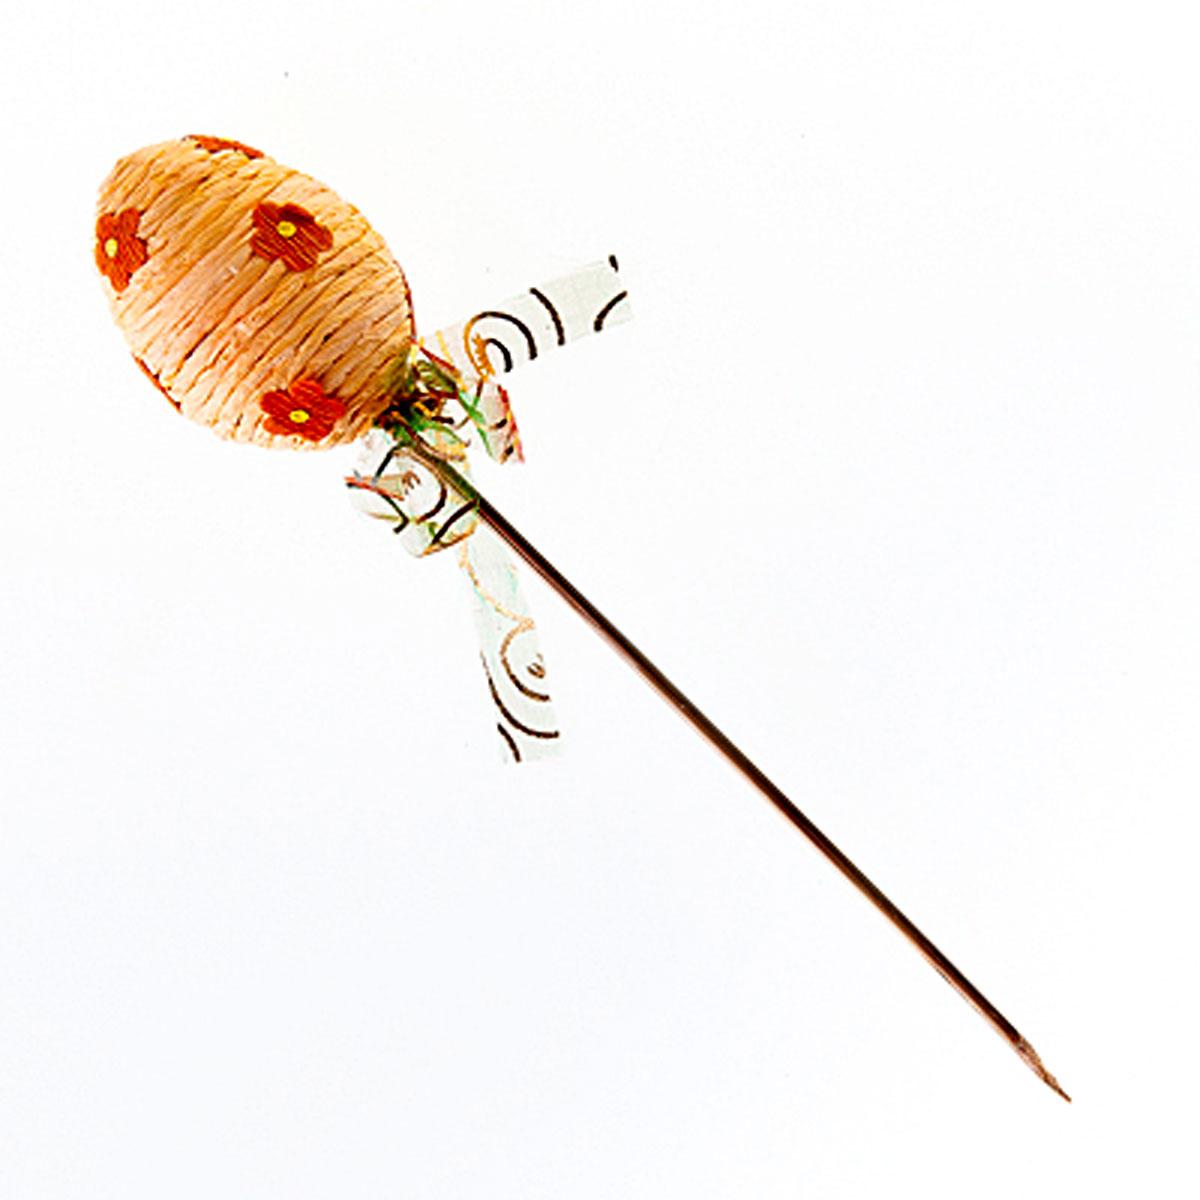 Декоративное украшение на ножке Home Queen Яйцо веселое, цвет: персиковый, высота 21 смRSP-202SДекоративное украшение Home Queen Яйцо веселое выполнено из пенопласта и бумаги в виде пасхального яйца на деревянной ножке, декорированного рельефными бумажными цветами. Изделие украшено полупрозрачной лентой. Такое украшение прекрасно дополнит подарок для друзей или близких на Пасху. Высота: 21 см. Размер яйца: 5 см х 5 см.